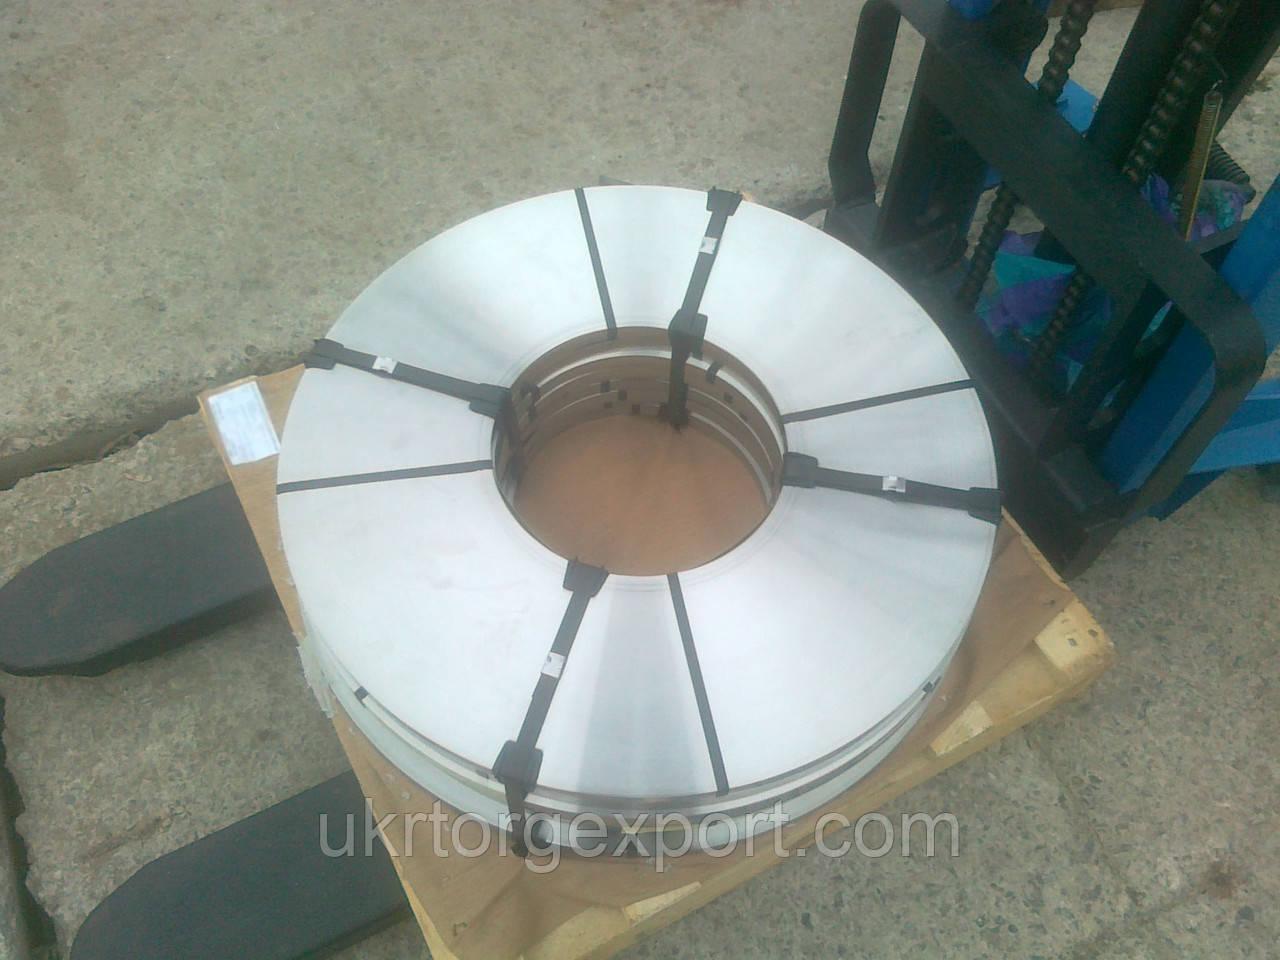 Лента нержавеющая 0,52мм*400мм материал: 1,4310 (AISI 301, 12Х18Н9 ) нагартованная (твёрдая)